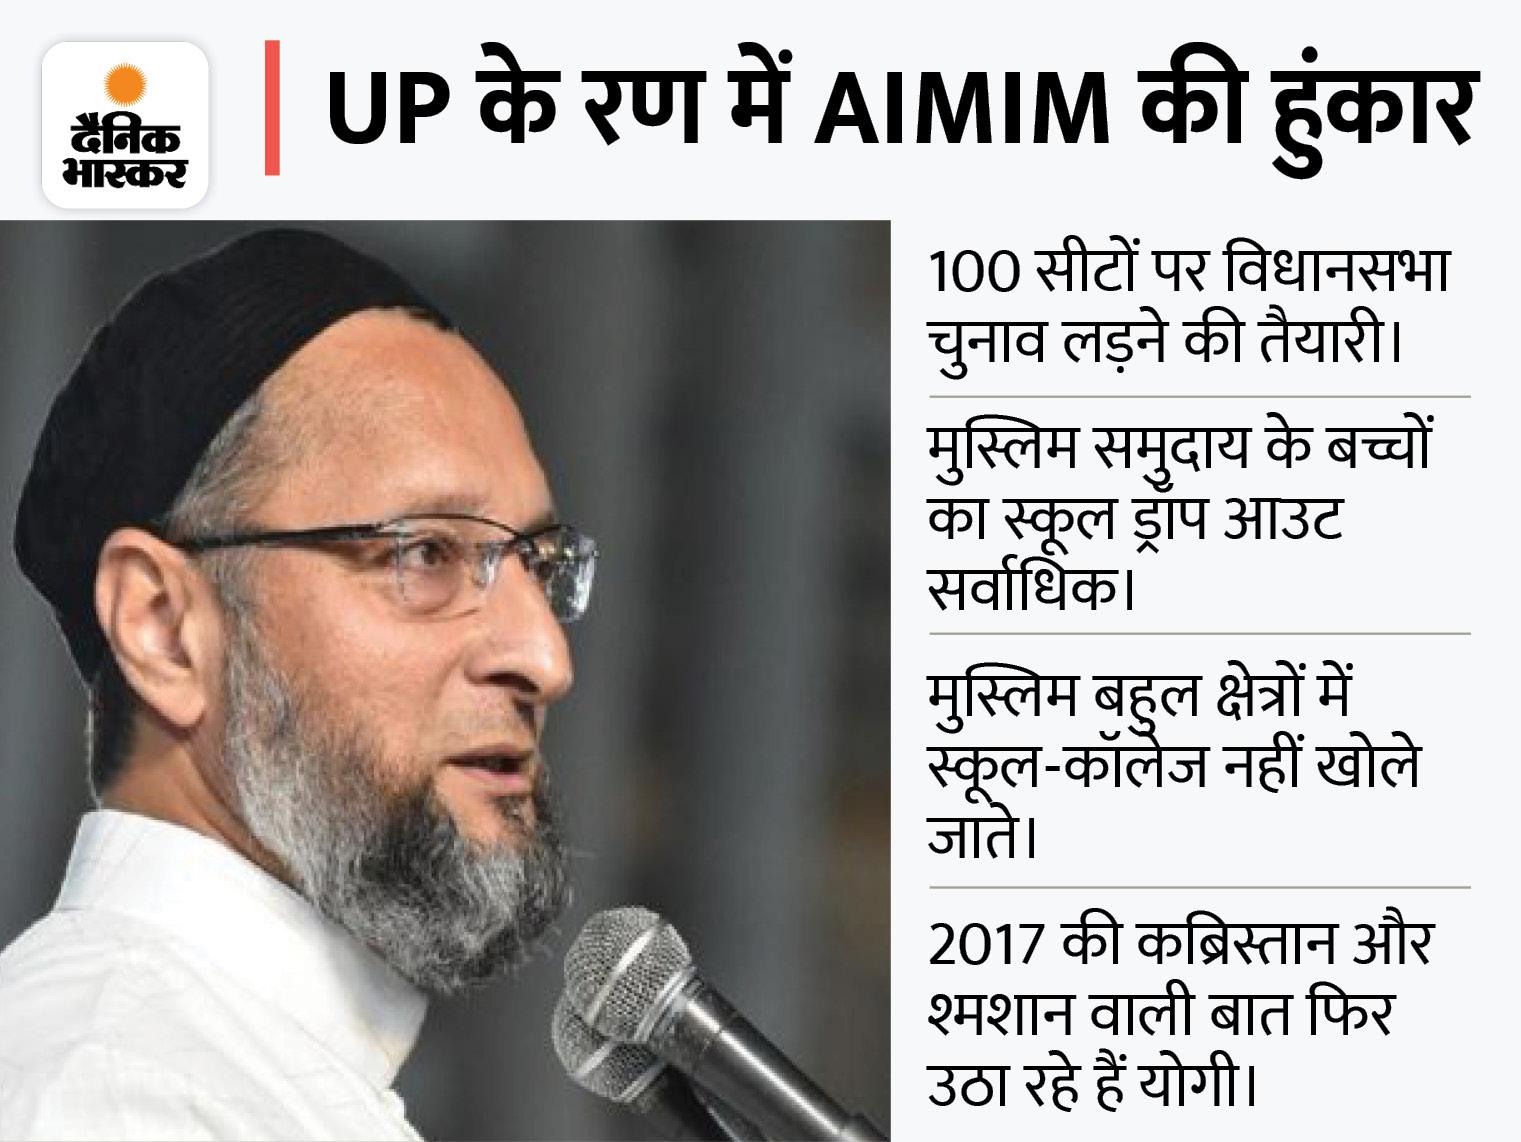 कहा- दम है तो तालिबान को आतंकी घोषित करे केंद्र; UP में मुख्तार को टिकट देने पर बोले- प्रज्ञा ठाकुर दूध की धुली हैं क्या?|बिहार,Bihar - Dainik Bhaskar